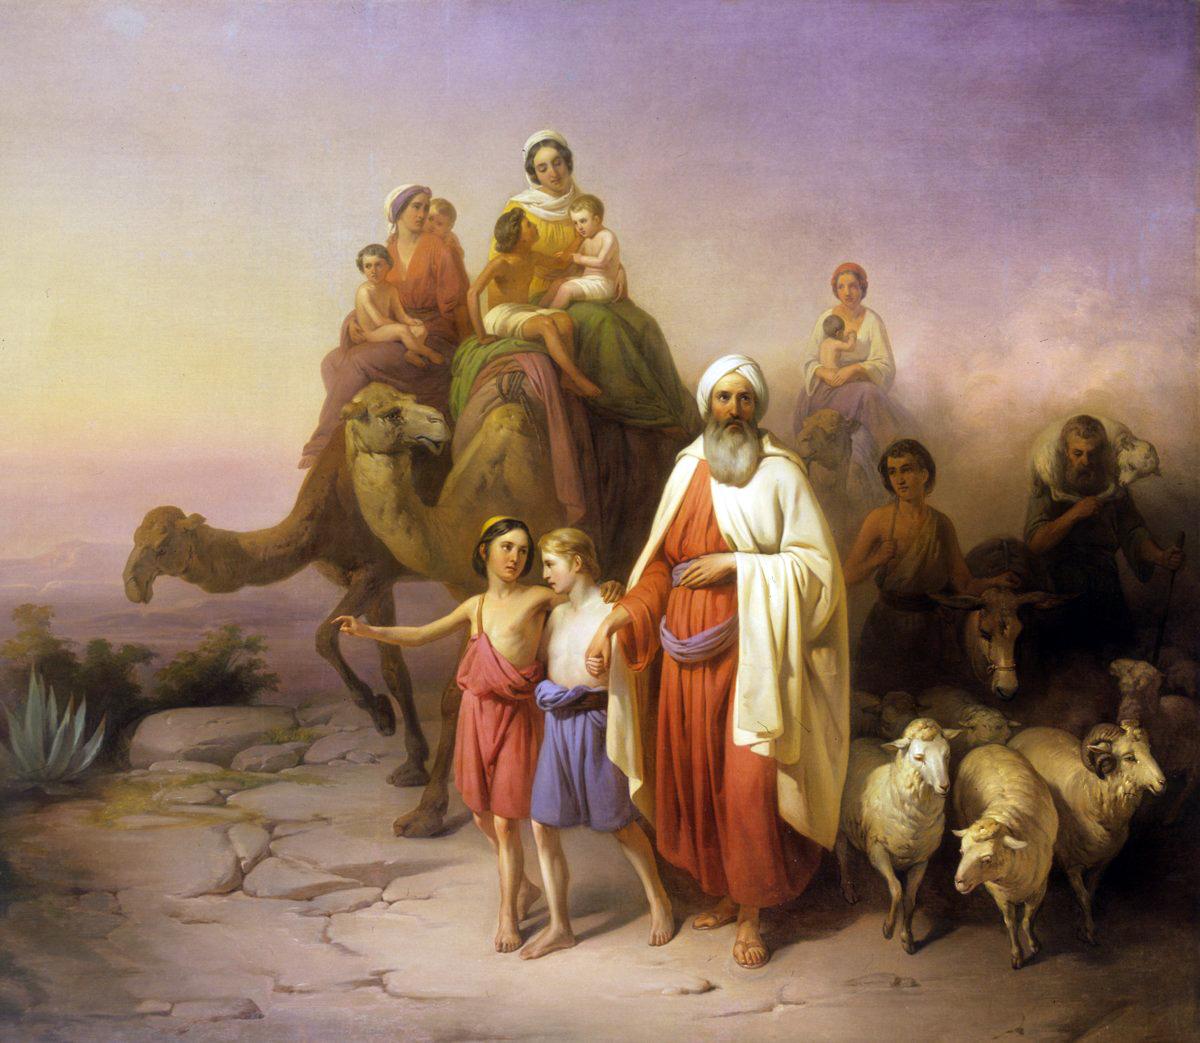 아브람과 사래 하란을 떠나다